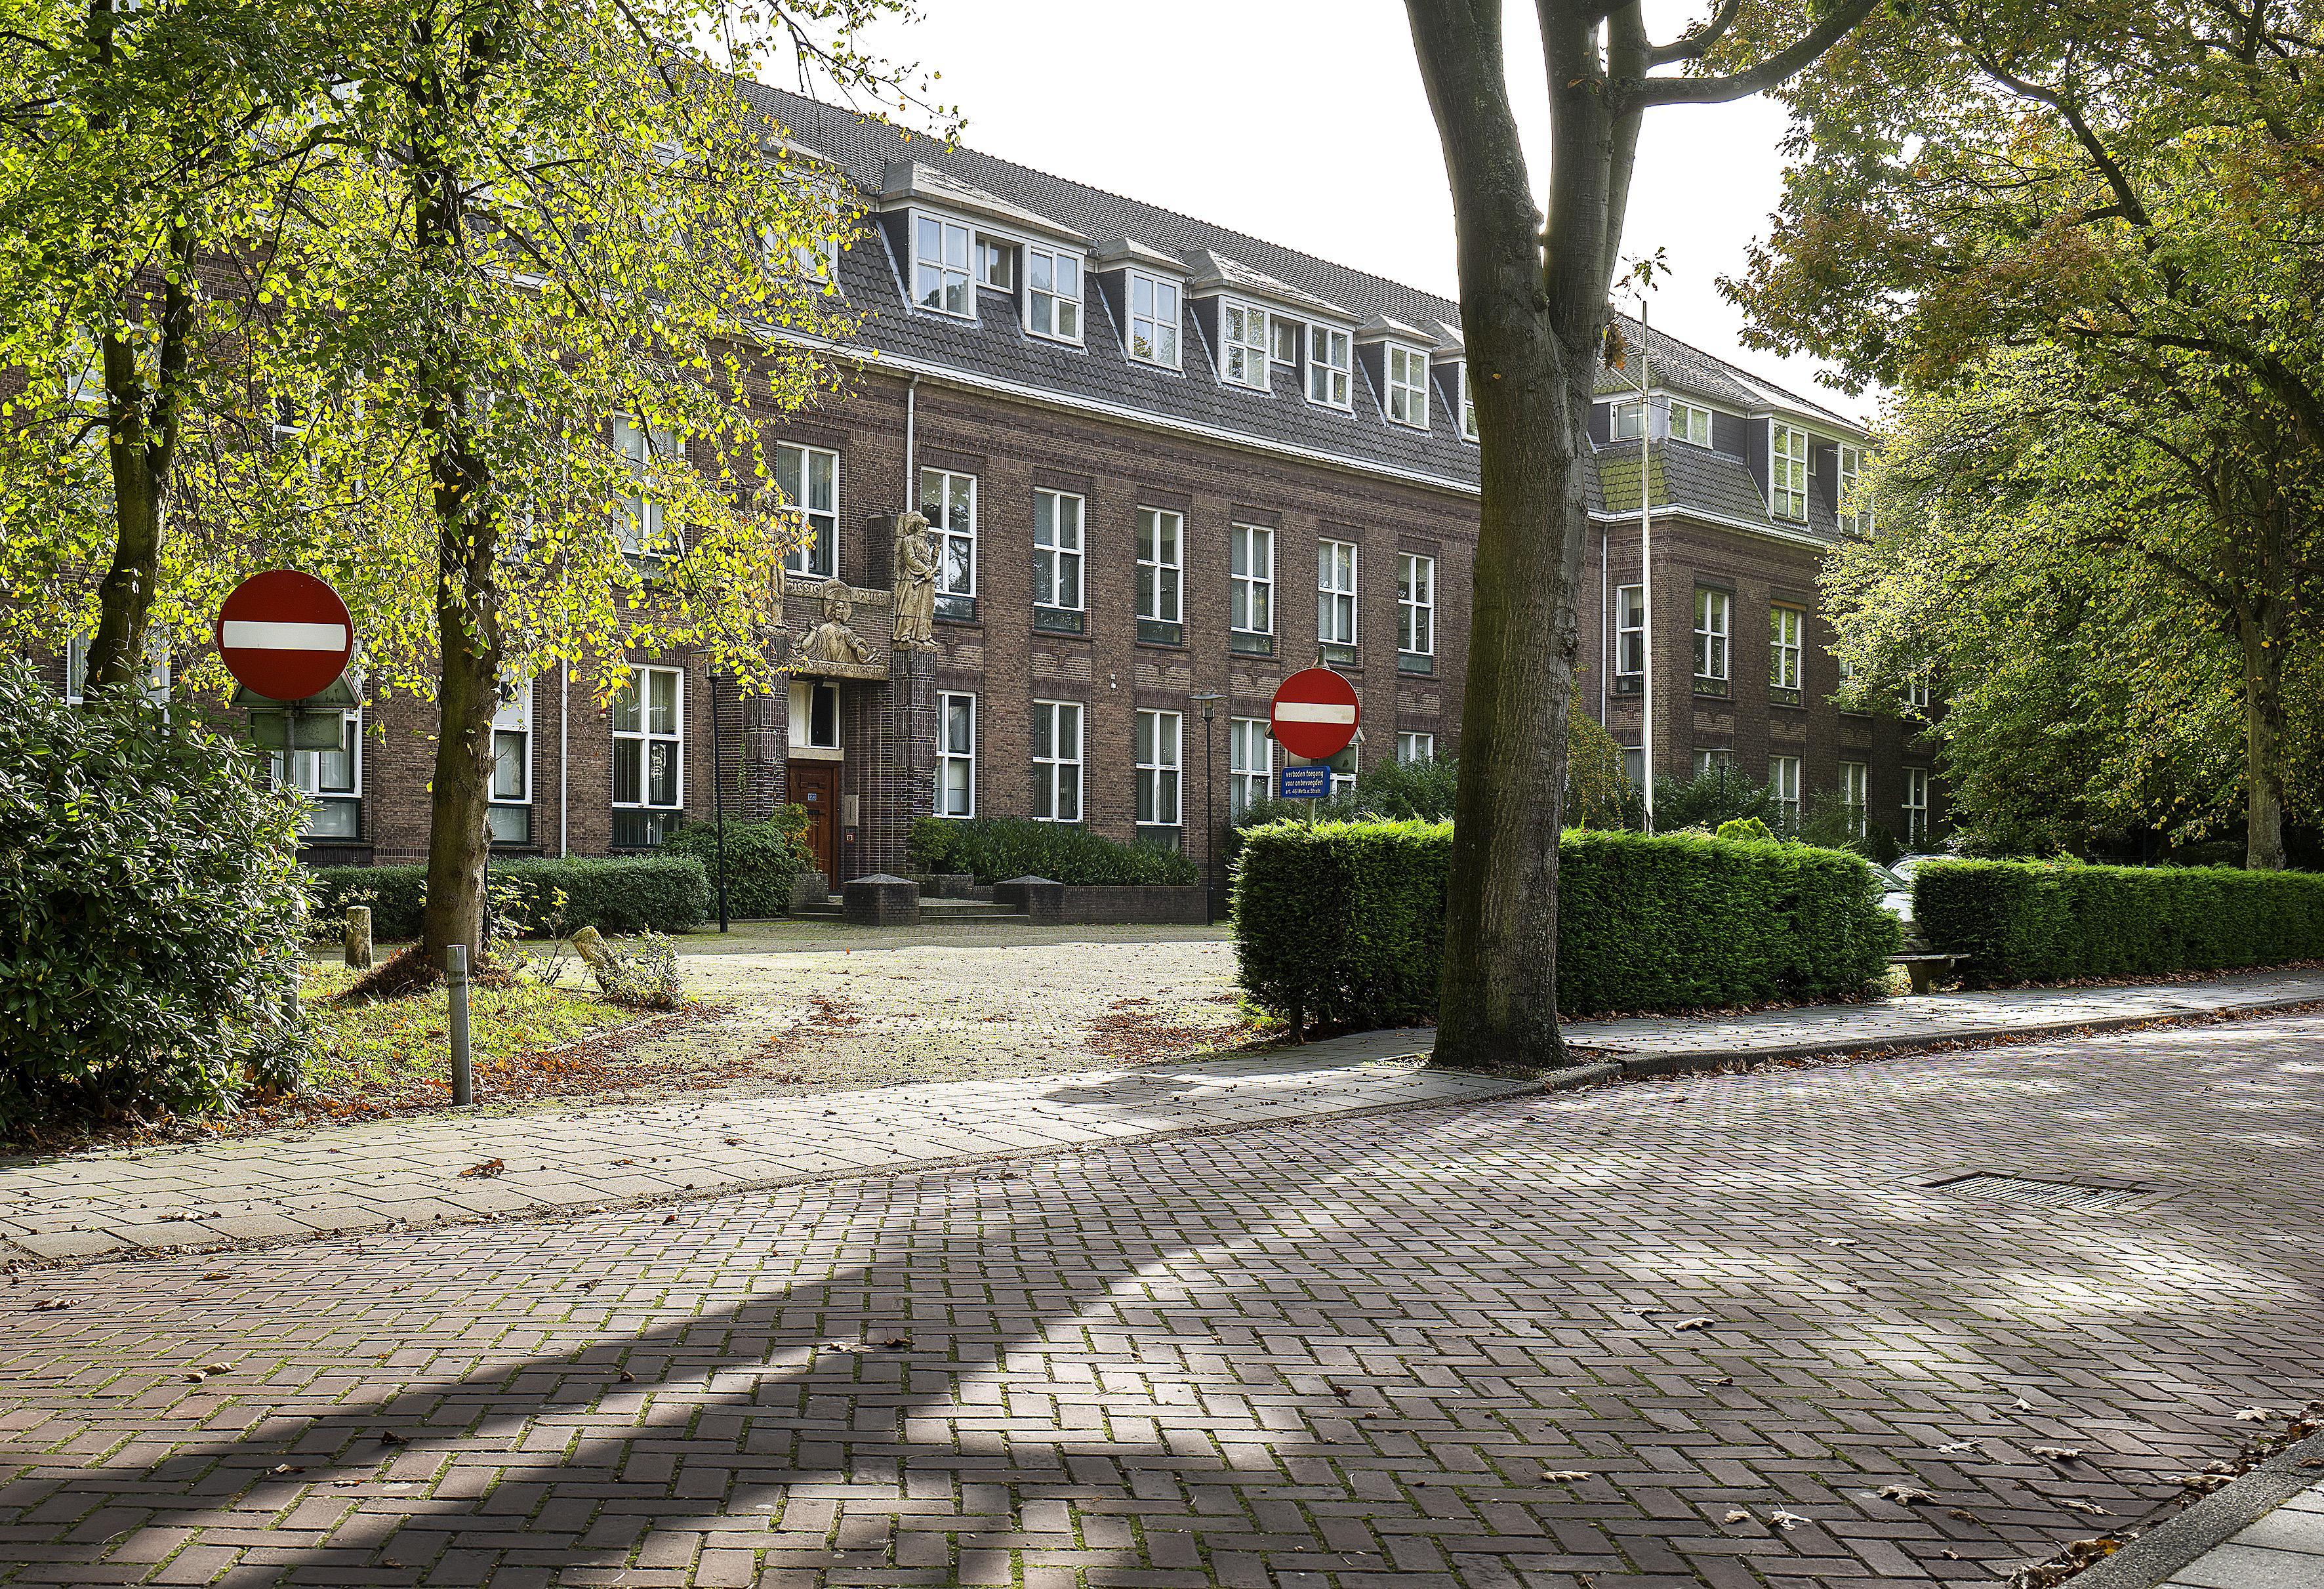 Sociale huurwoningen mogelijk in Missiehuis en niet naast het monumentale pand in Driehuis